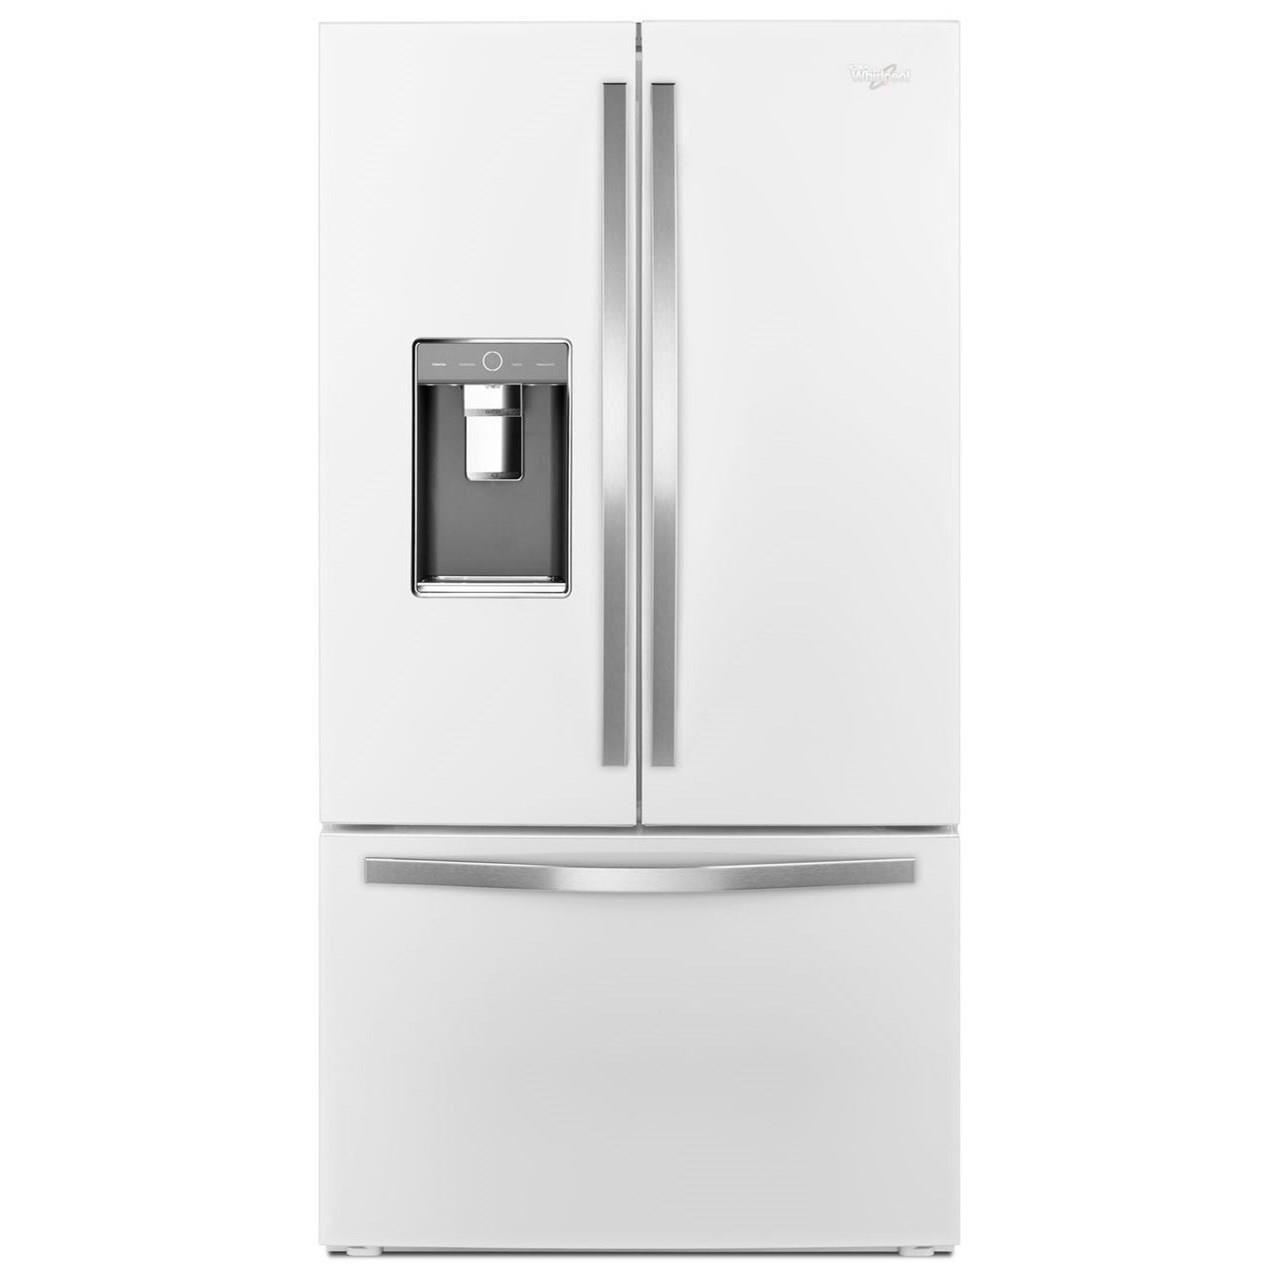 Whirlpool French Door Refrigerators 36-inch Wide French Door Refrigerator - Item Number: WRF992FIFH